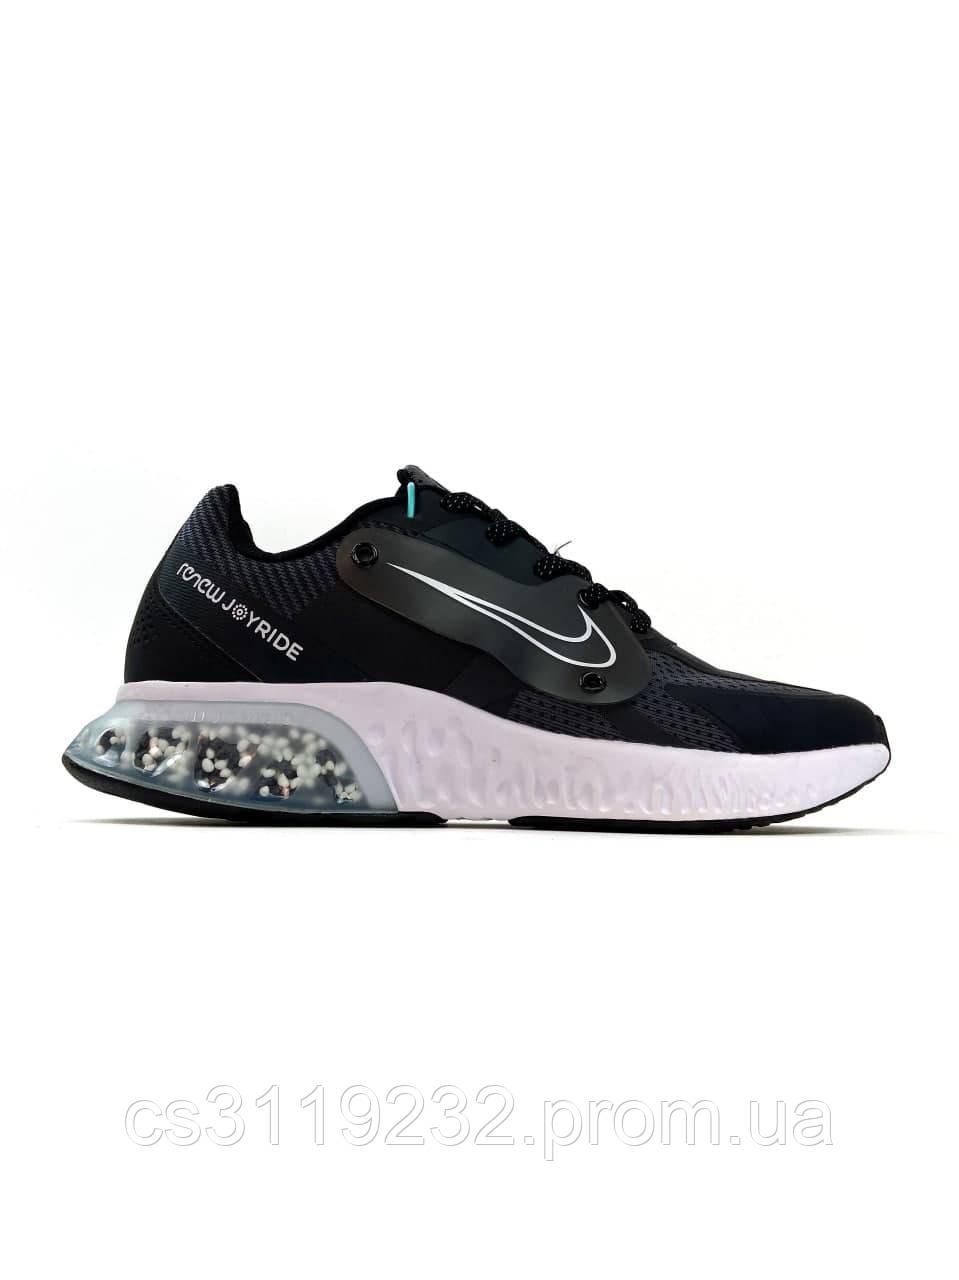 Кроссовки мужские Jouride run (черные)